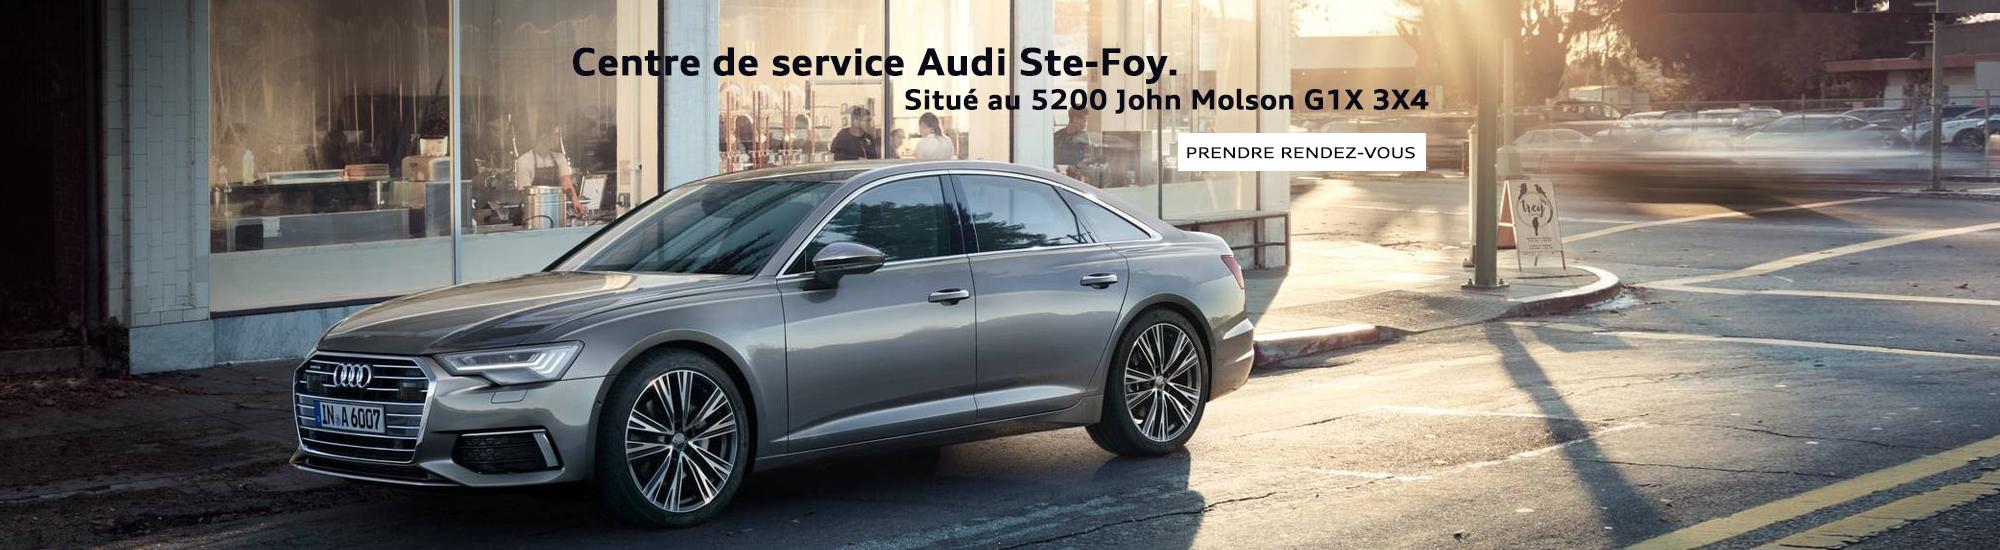 Centre de service Audi Ste-Foy